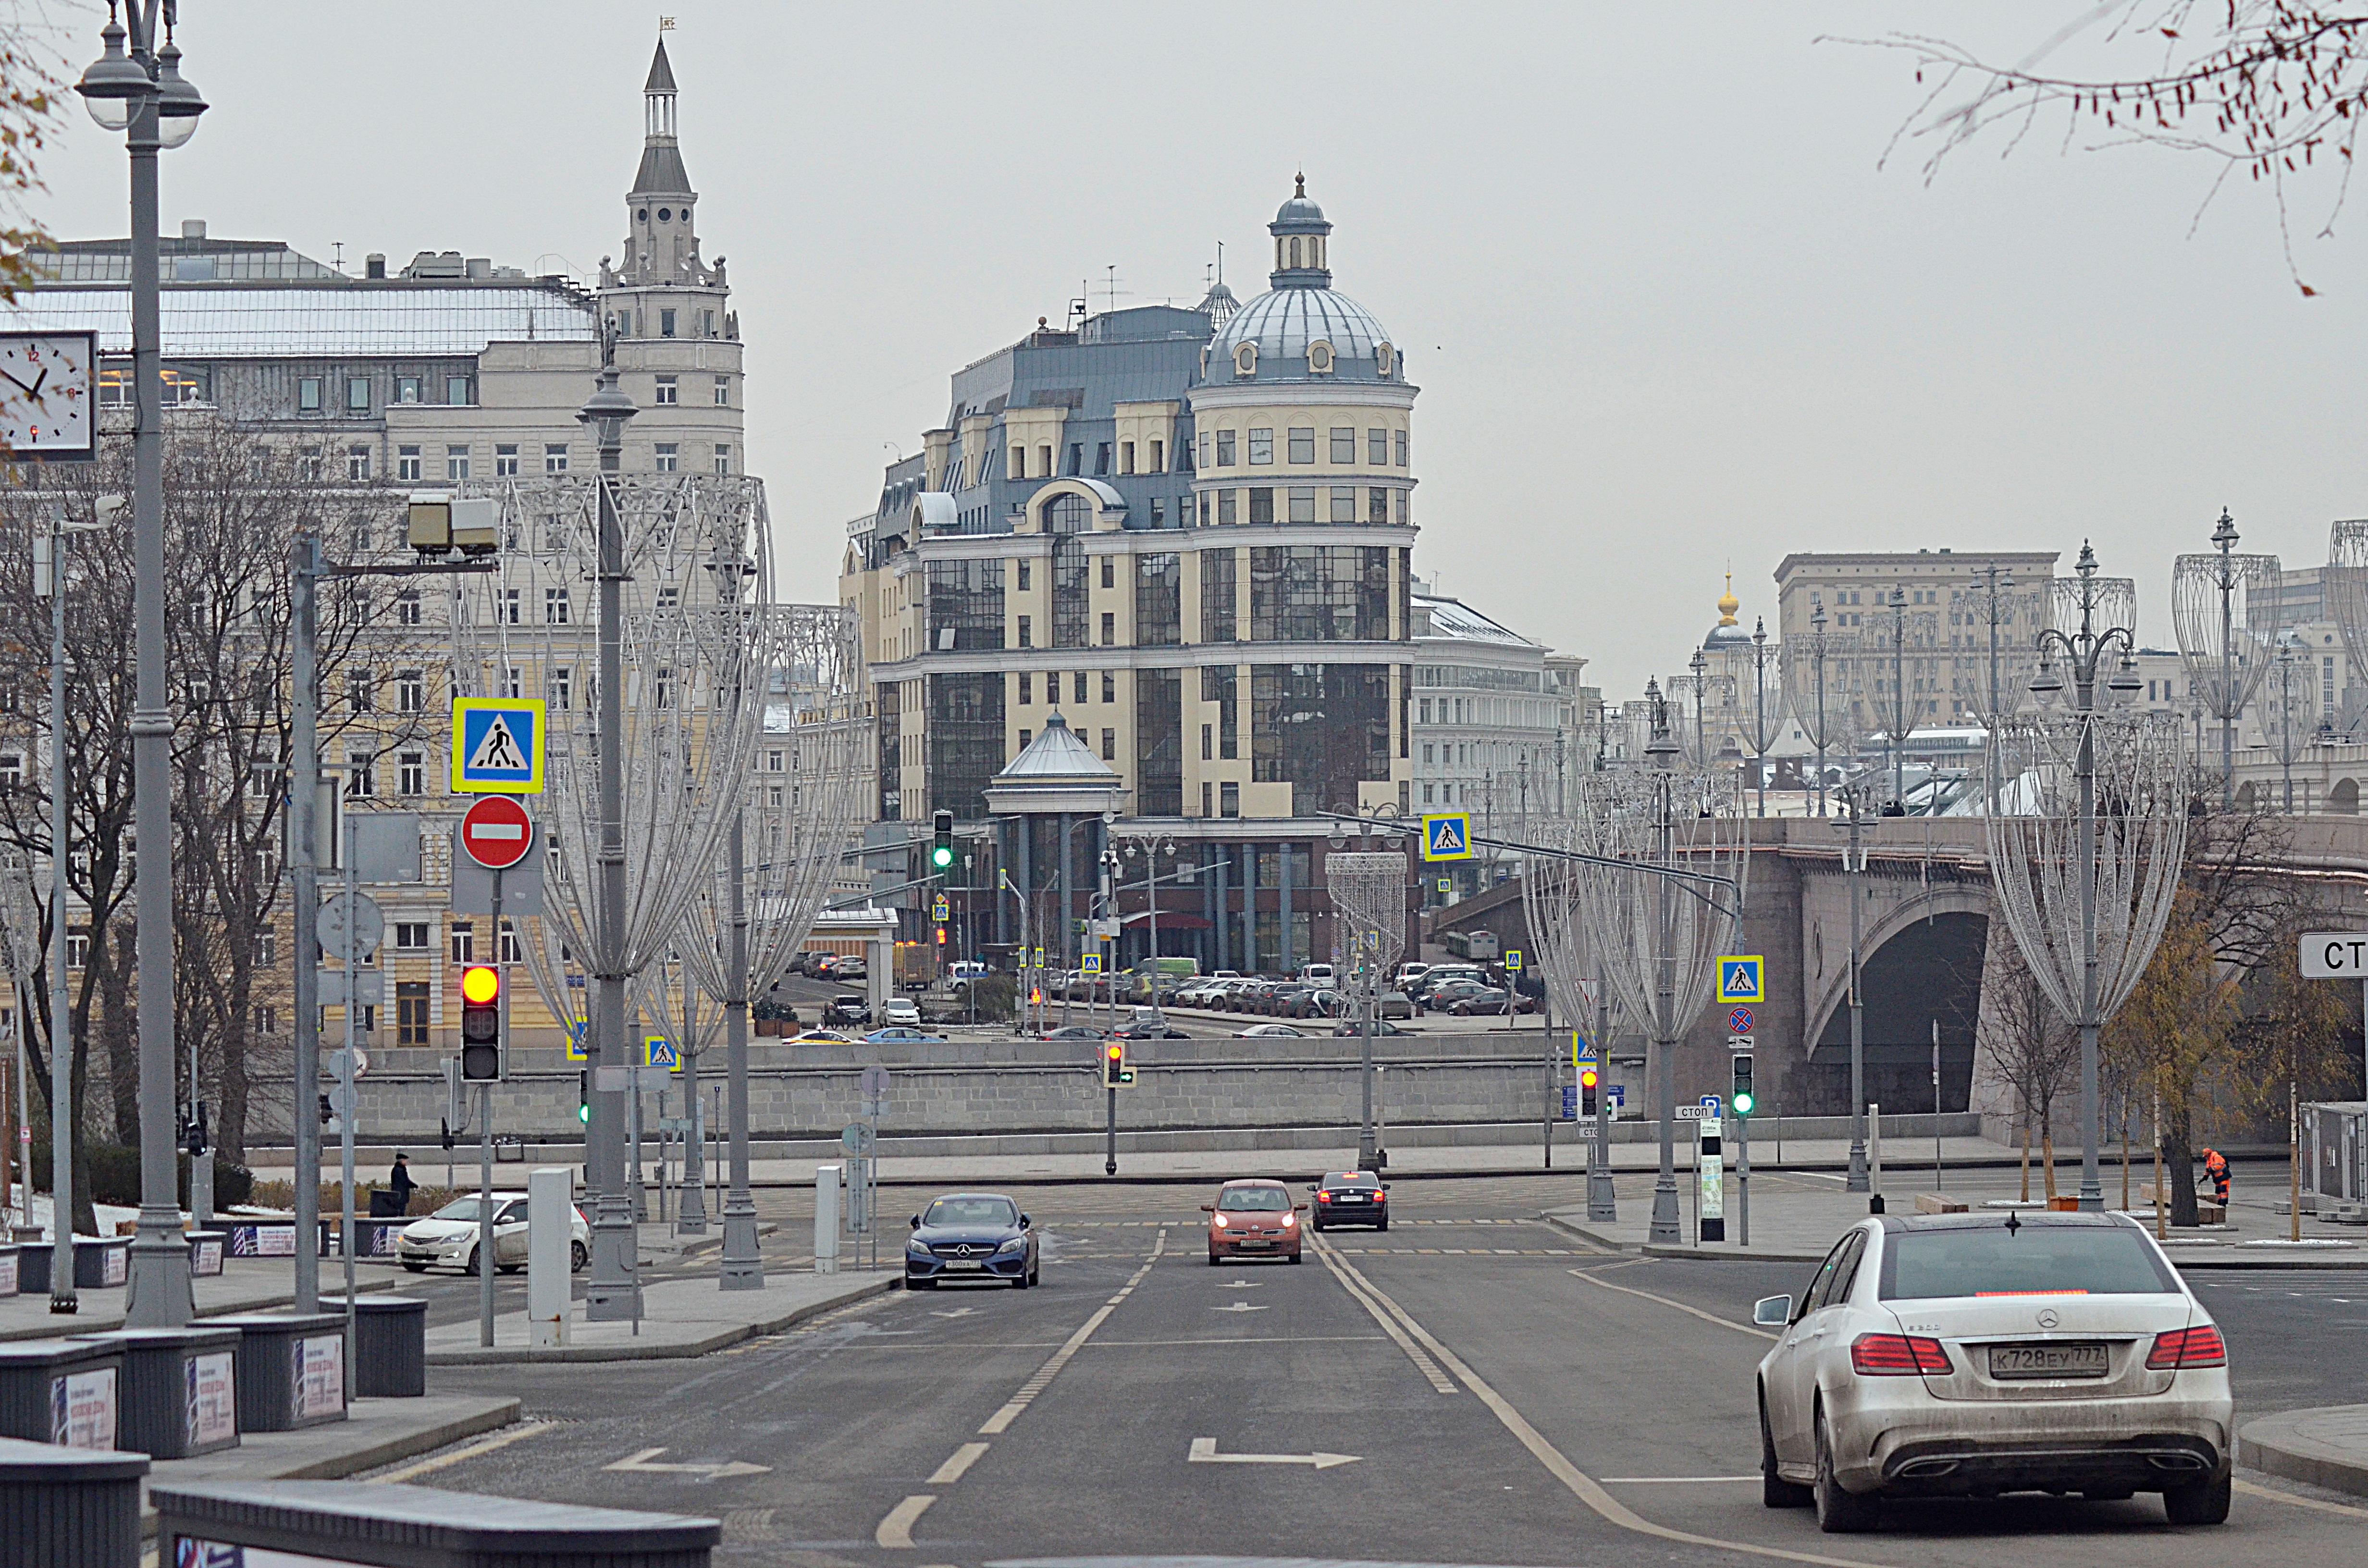 Клубу Pravda в Москве грозит закрытие за нарушение антиковидных мер. Фото: Анна Быкова